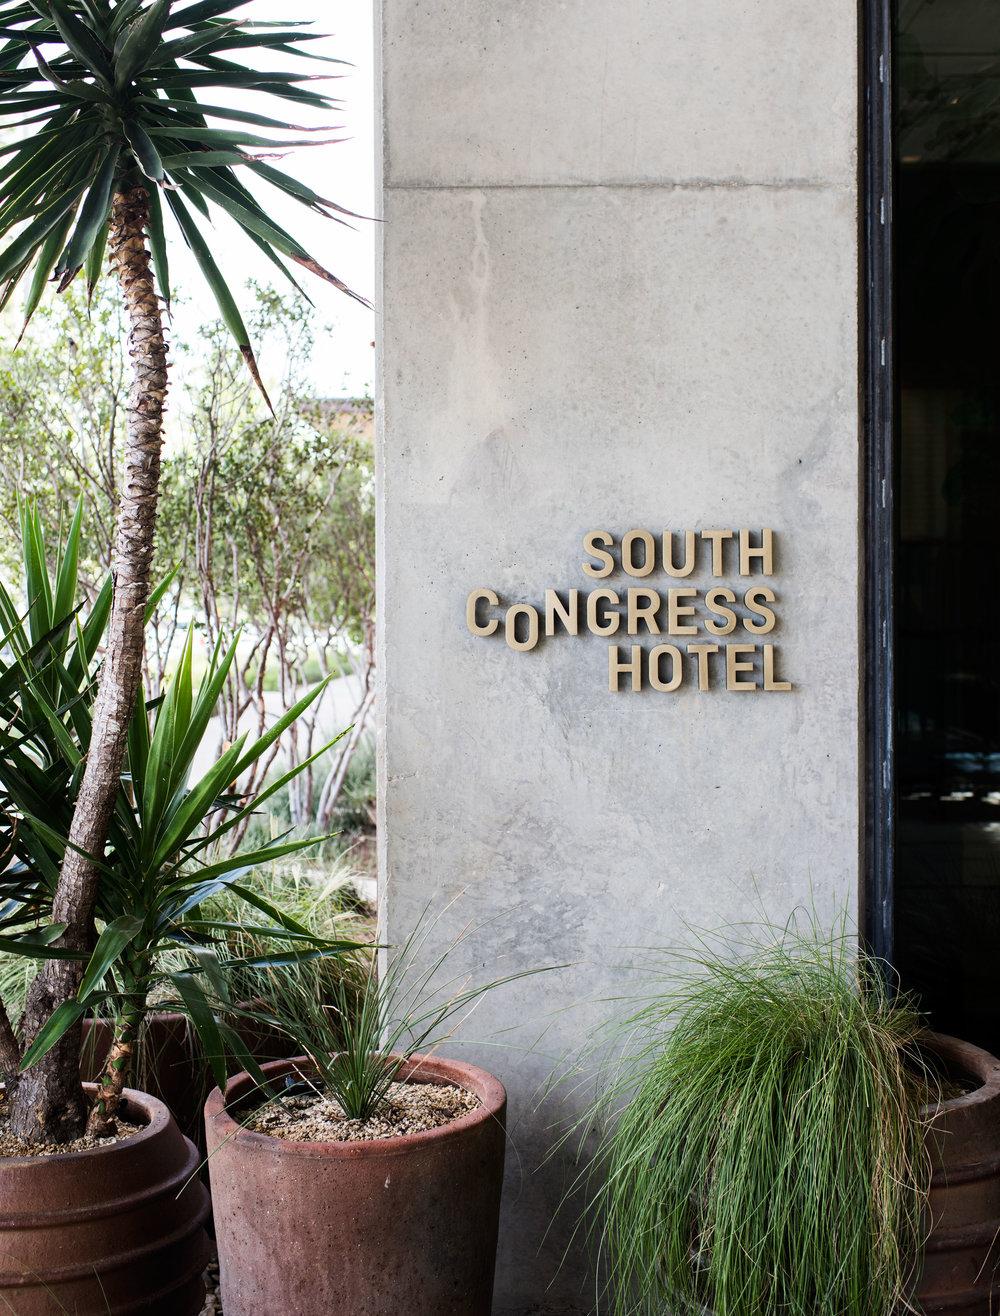 SouthCongressHotel.jpg